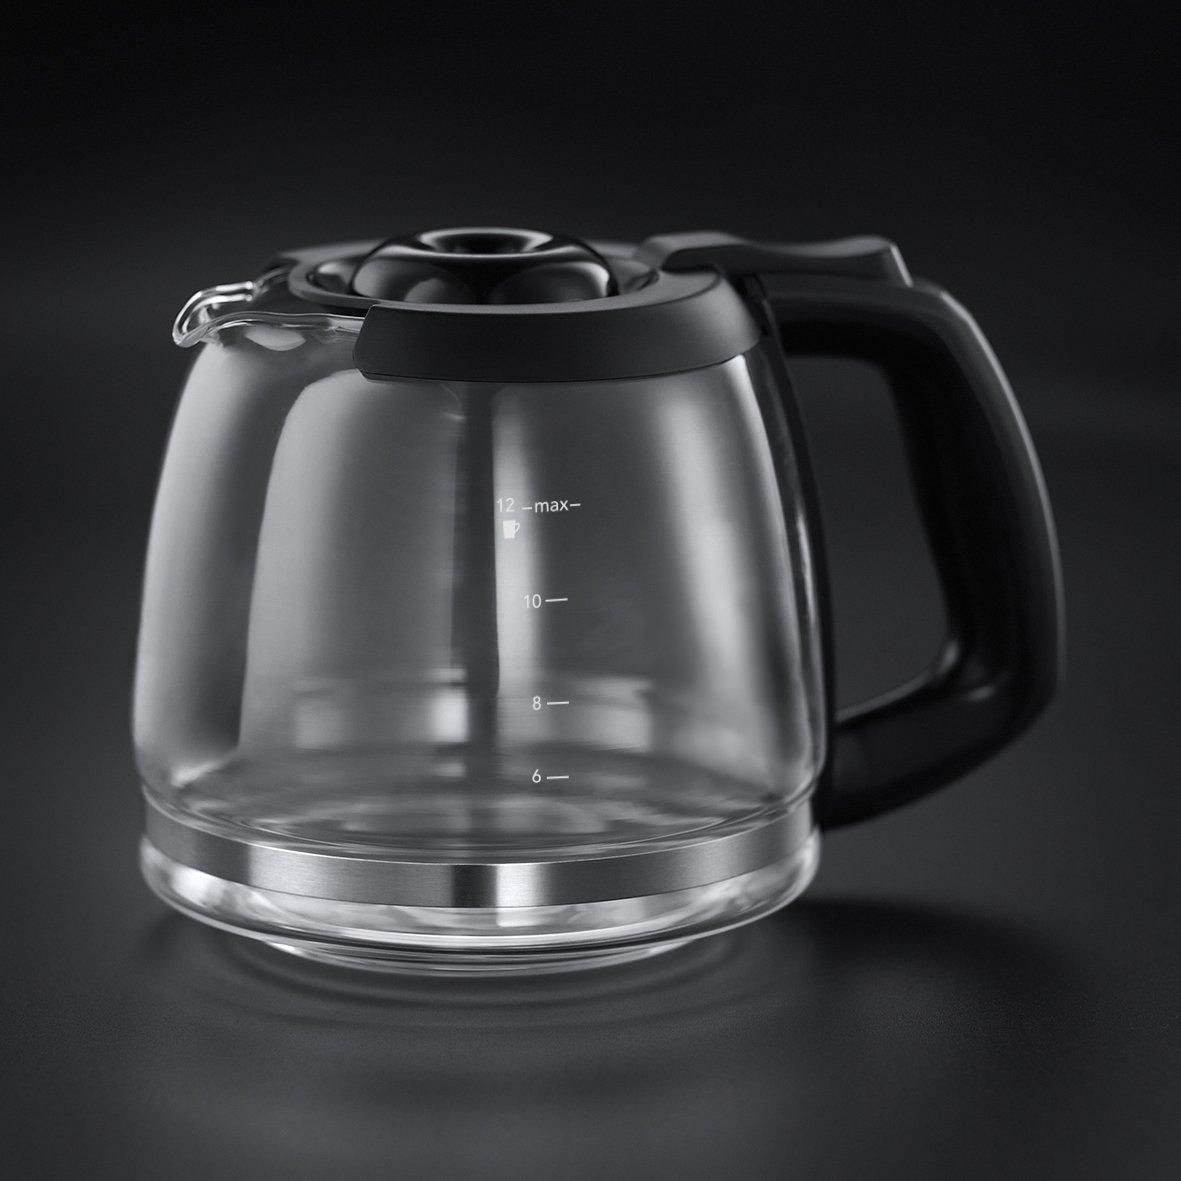 Russell Hobbs 22000-56 Machine /à Caf/é Cafeti/ère Filtre Semi Automatique Chester Ultra Silencieuse Moulin /à Caf/é